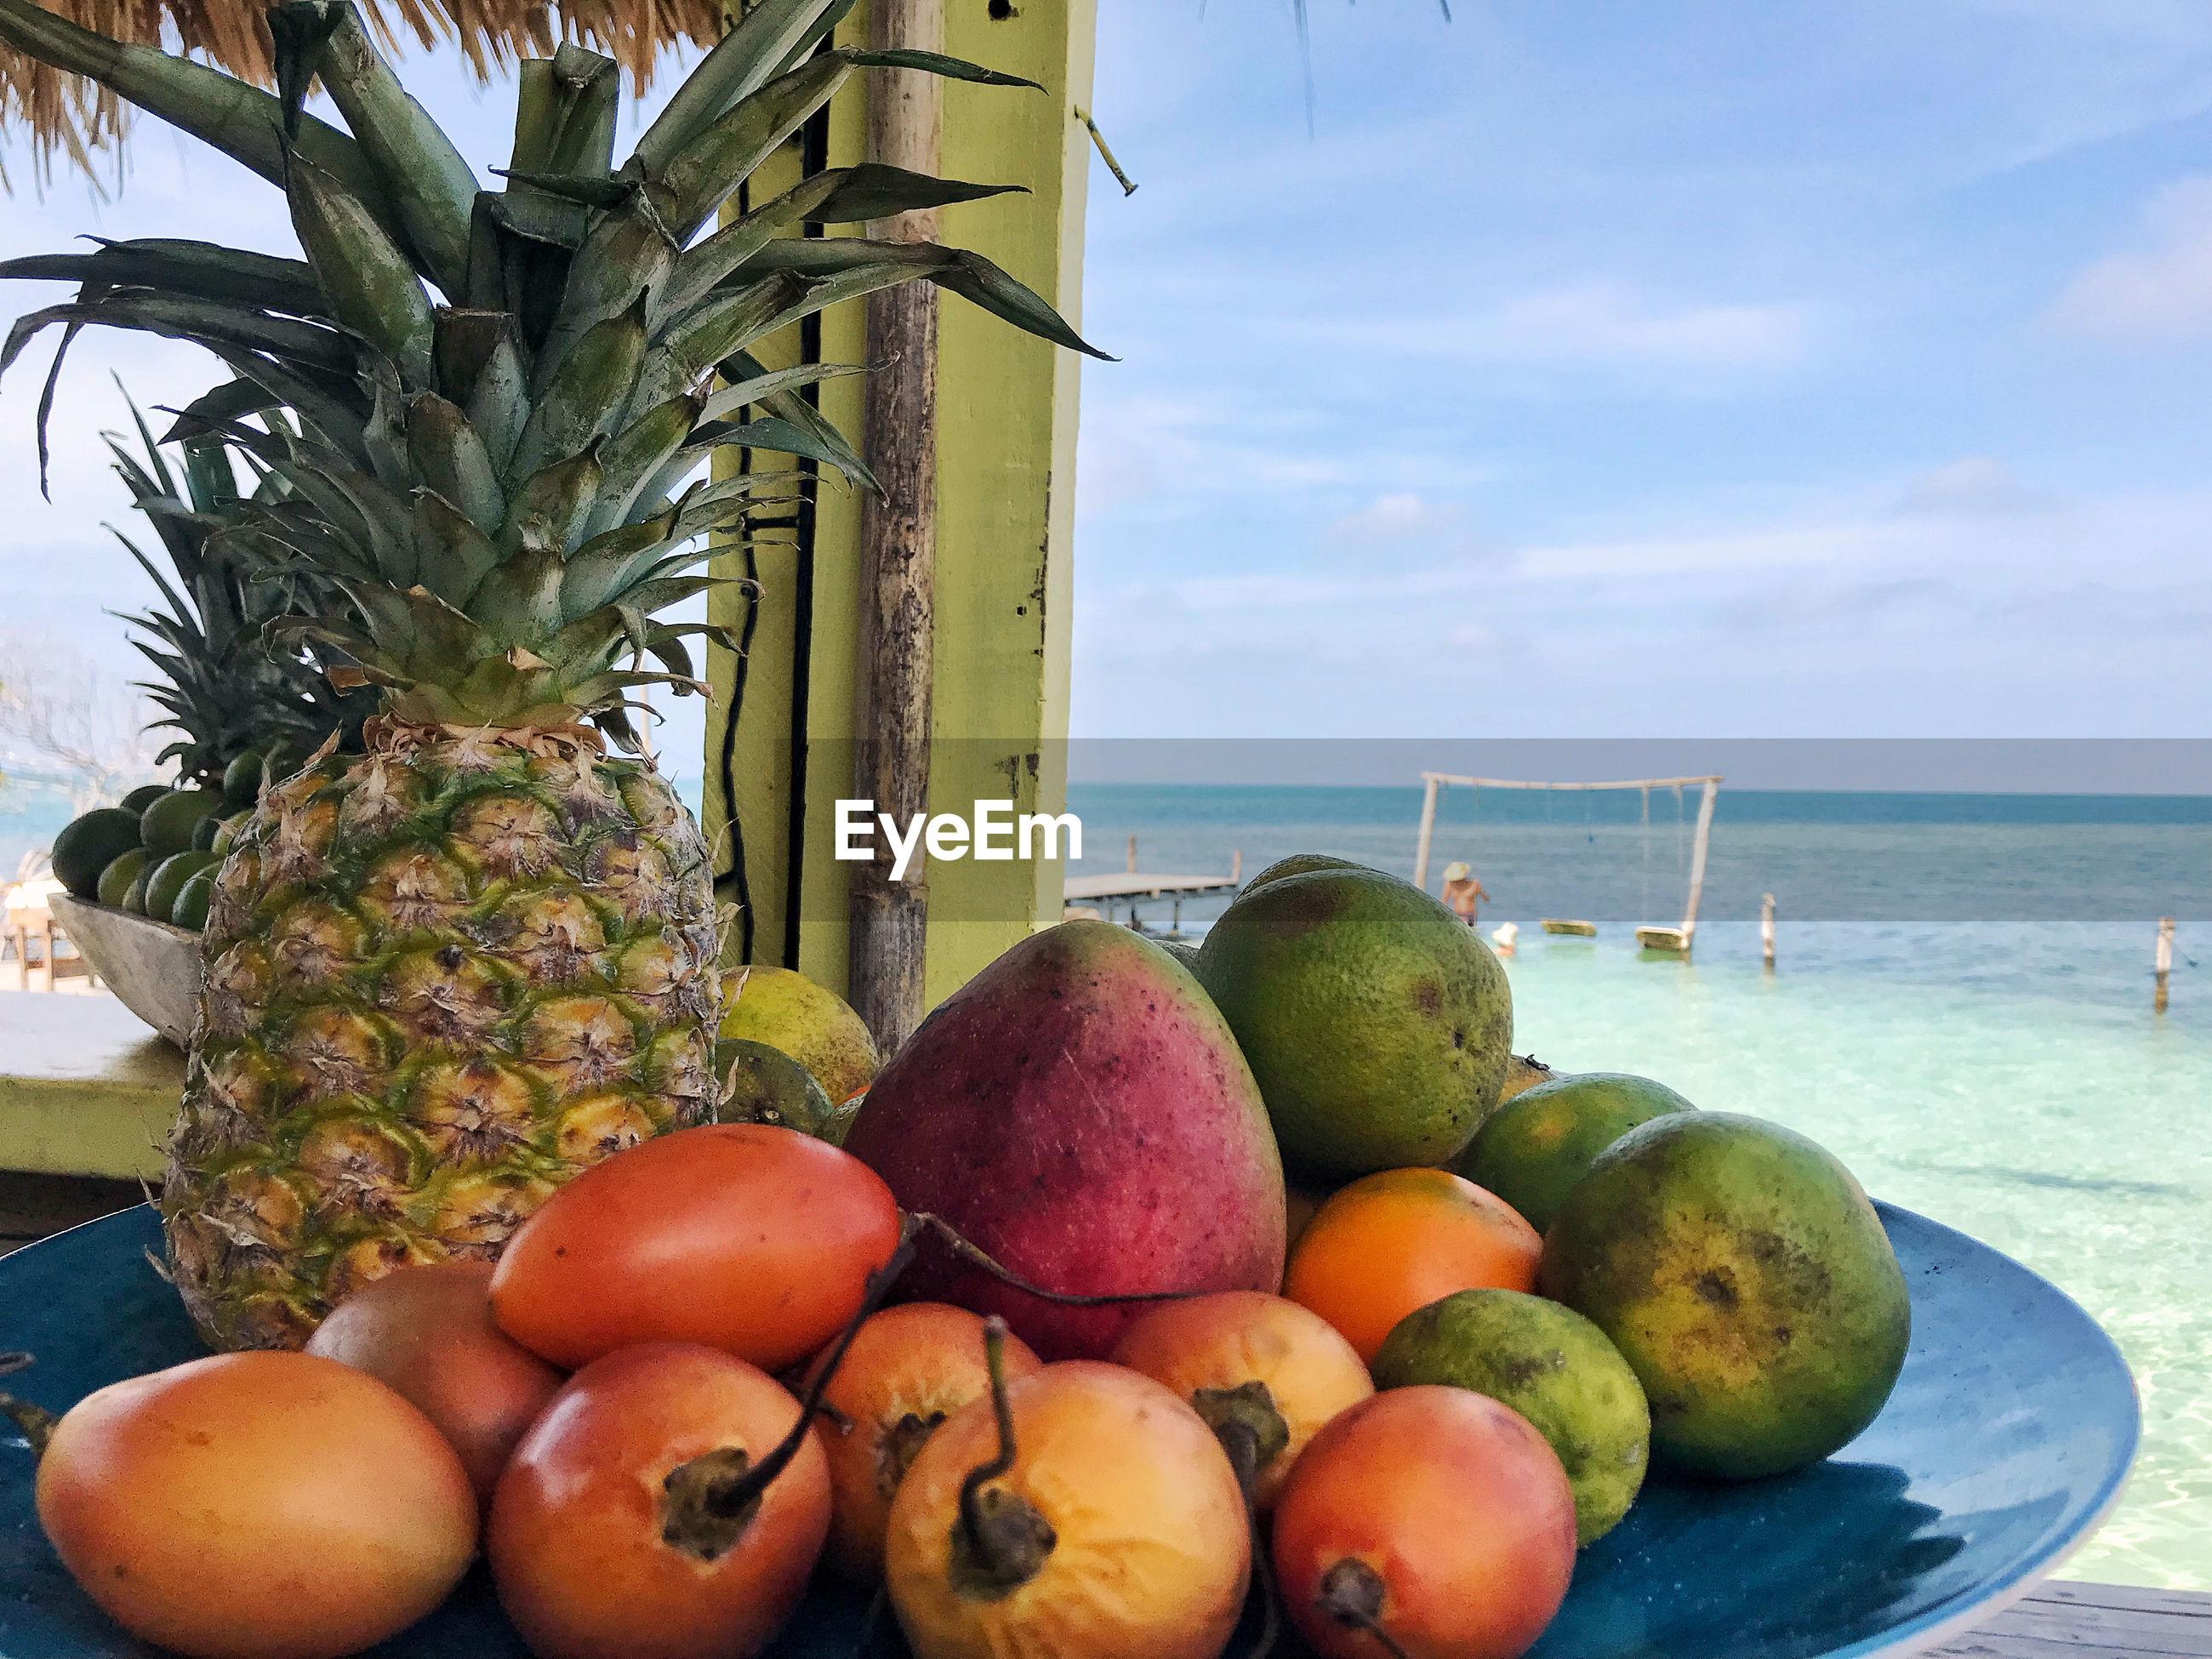 FRUITS GROWING ON SEA SHORE